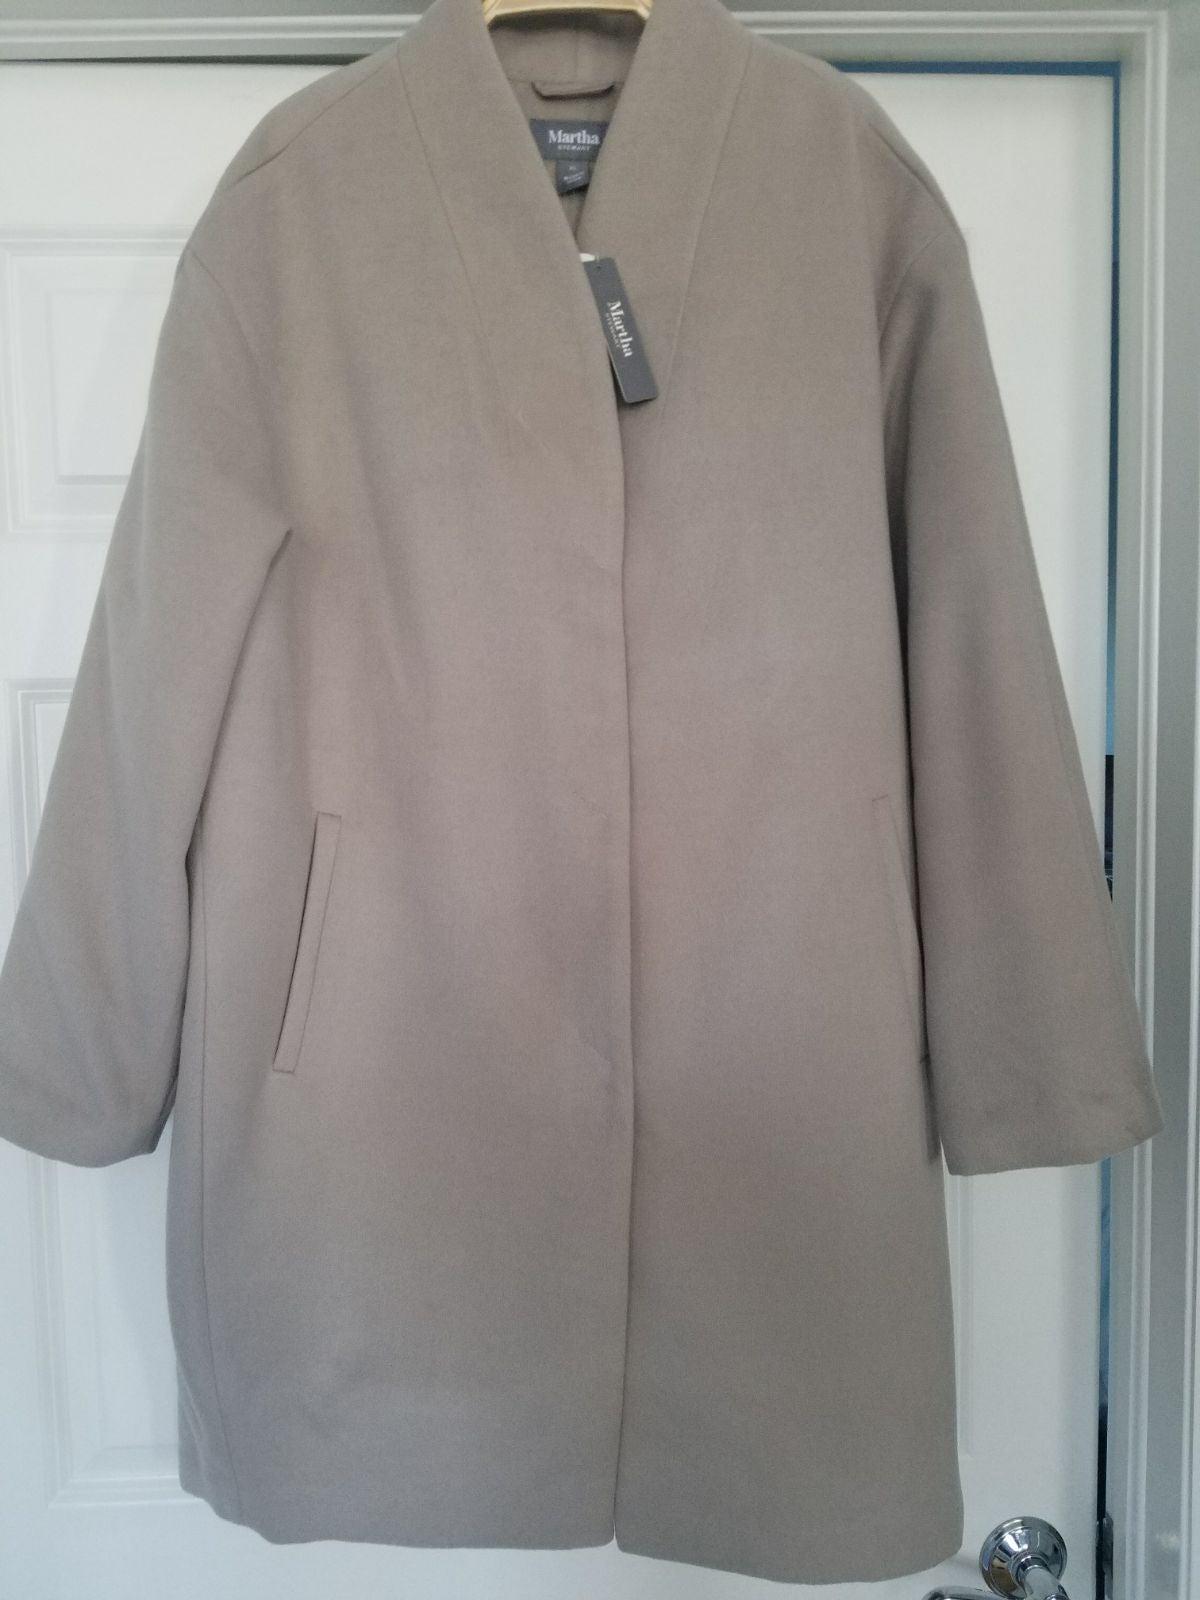 NWT Martha Stewart Coat. Light beige. Si